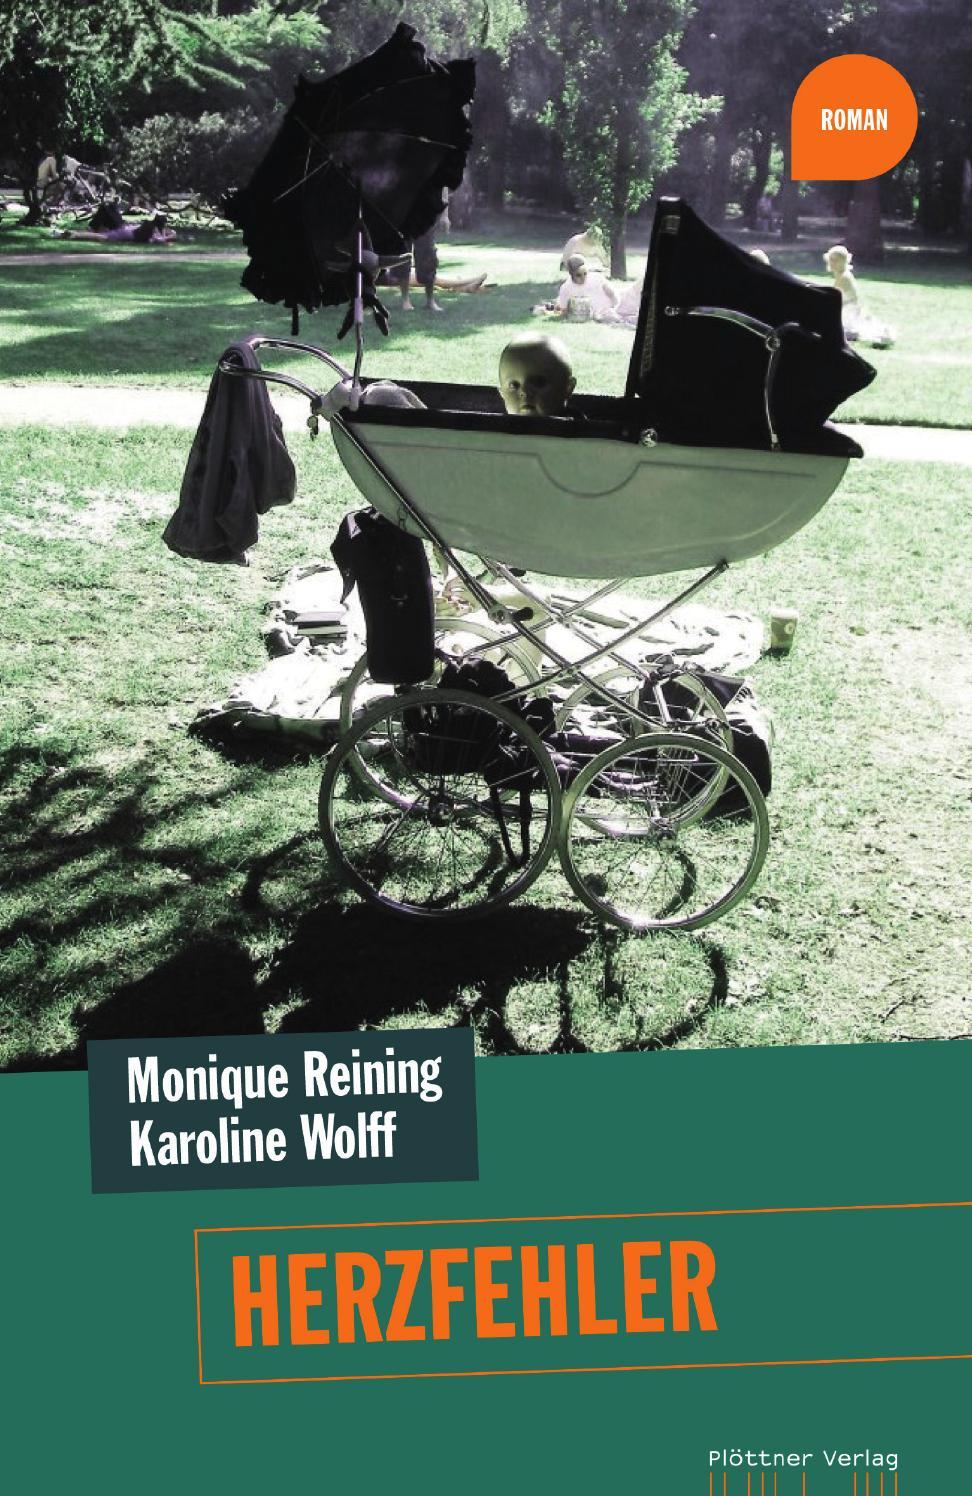 Monique Reining / Karoline Wolff \